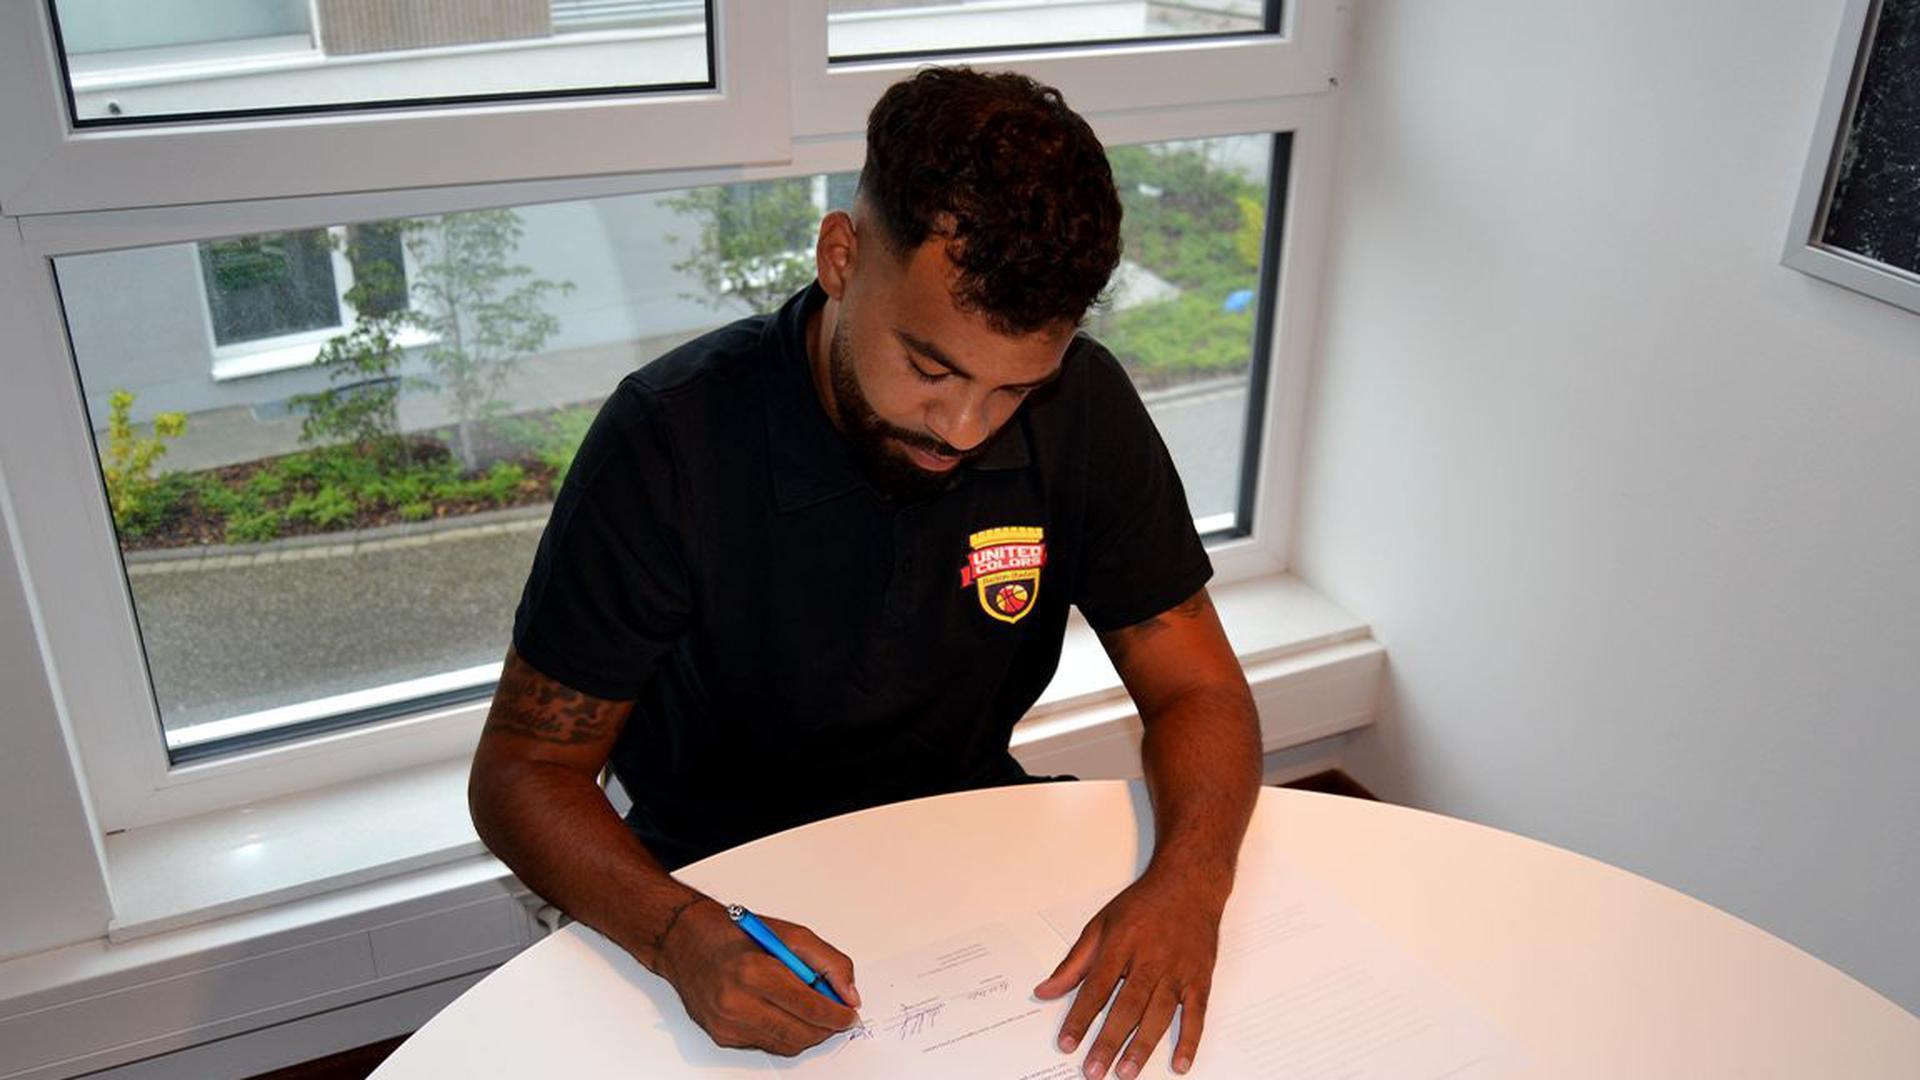 Unterschrift: Michael Baumer signiert im Juli 2020 den Trainervertrag beim Basketball-Oberligisten United Colors Baden-Baden.